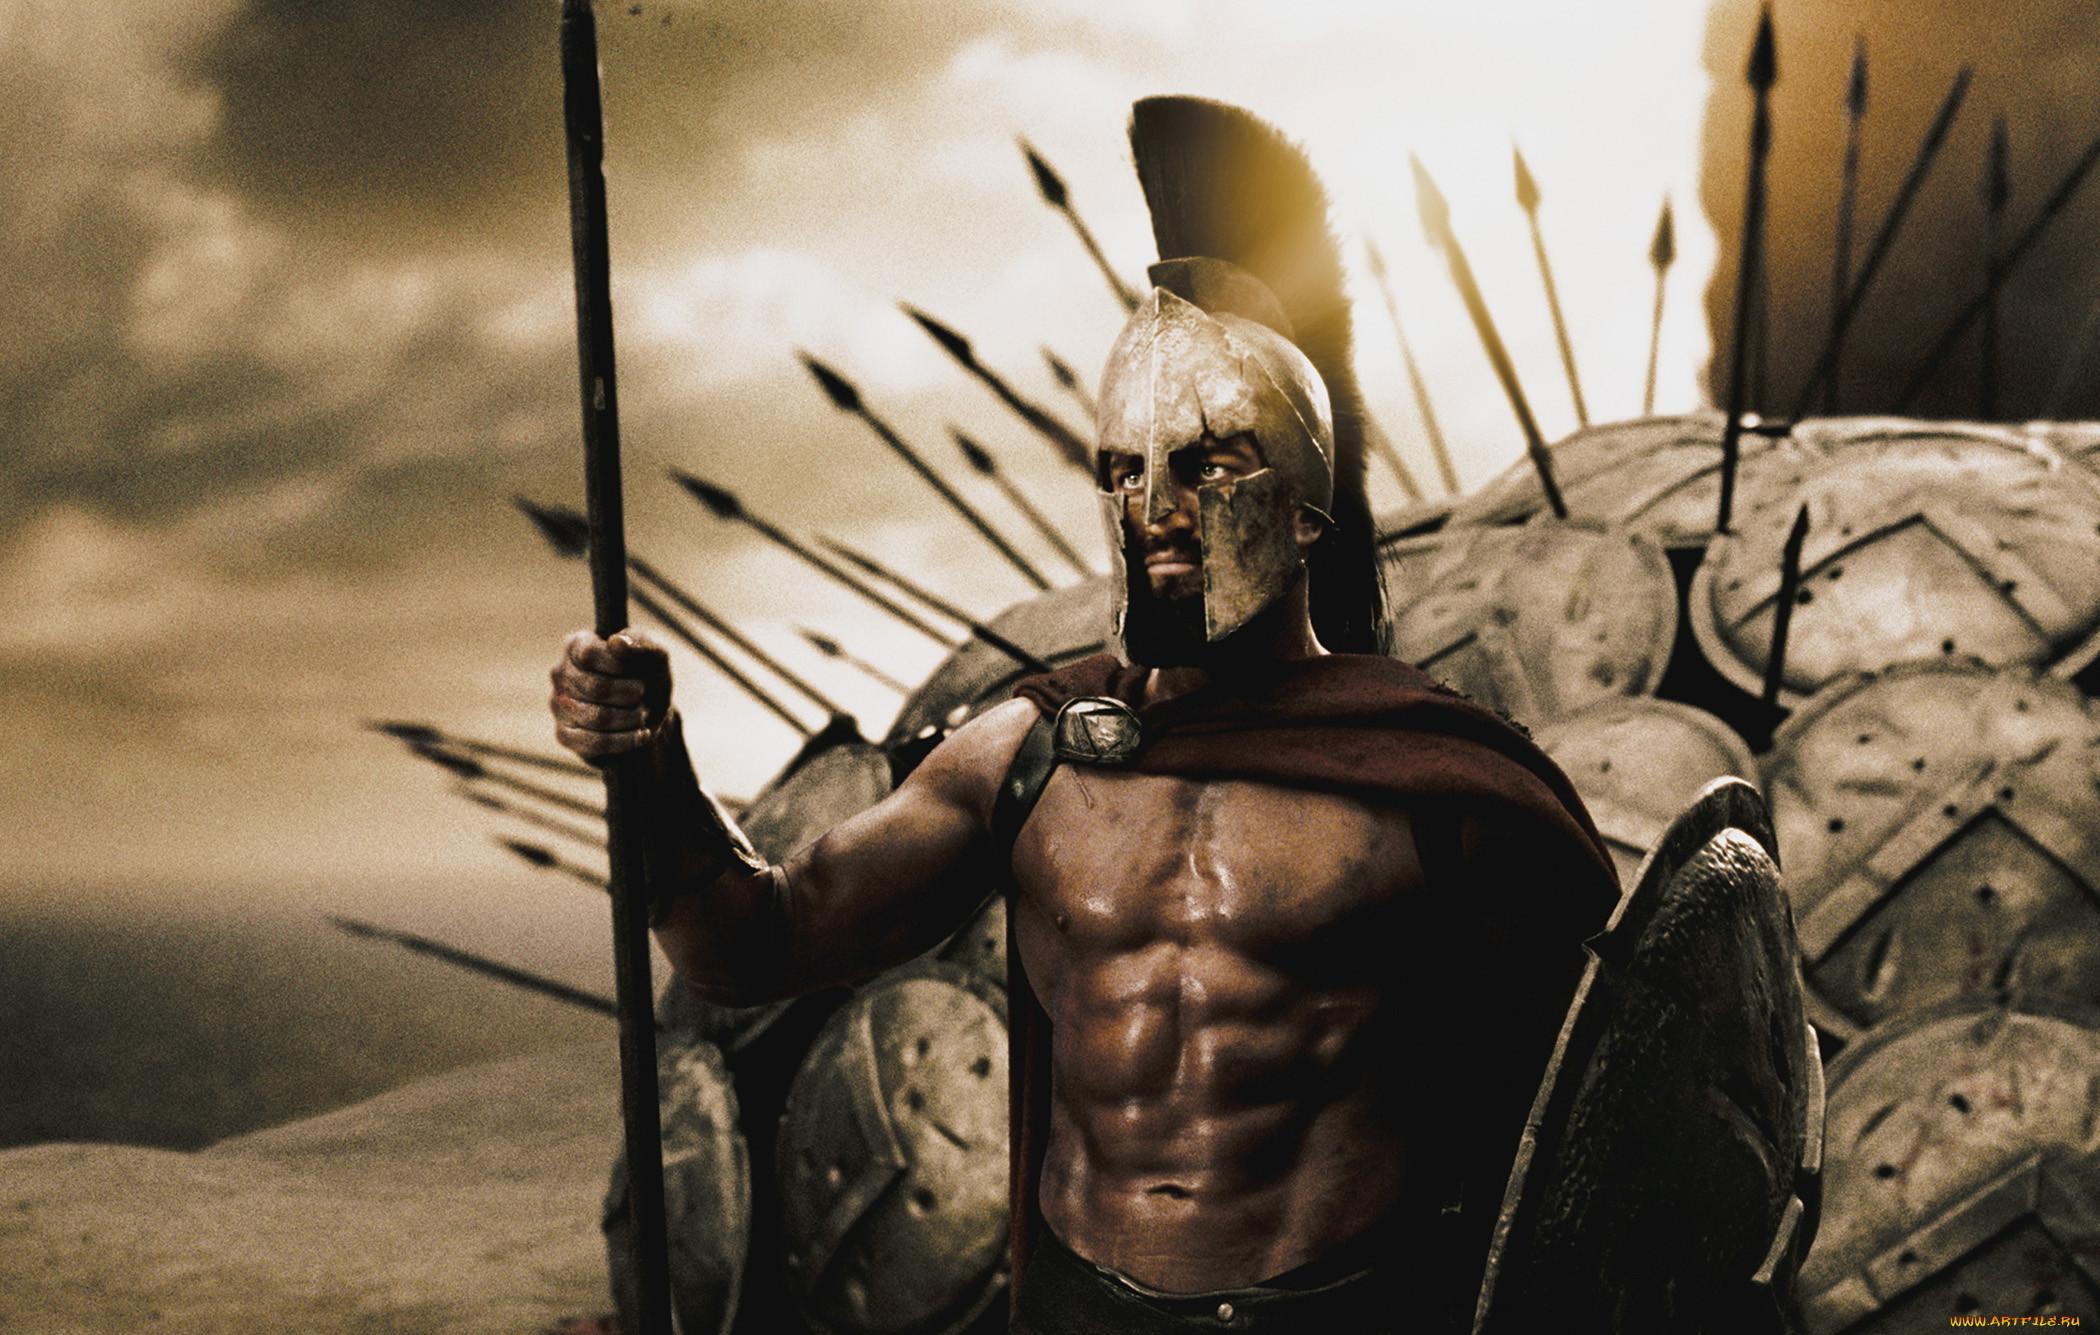 фото со спартанцами собачки